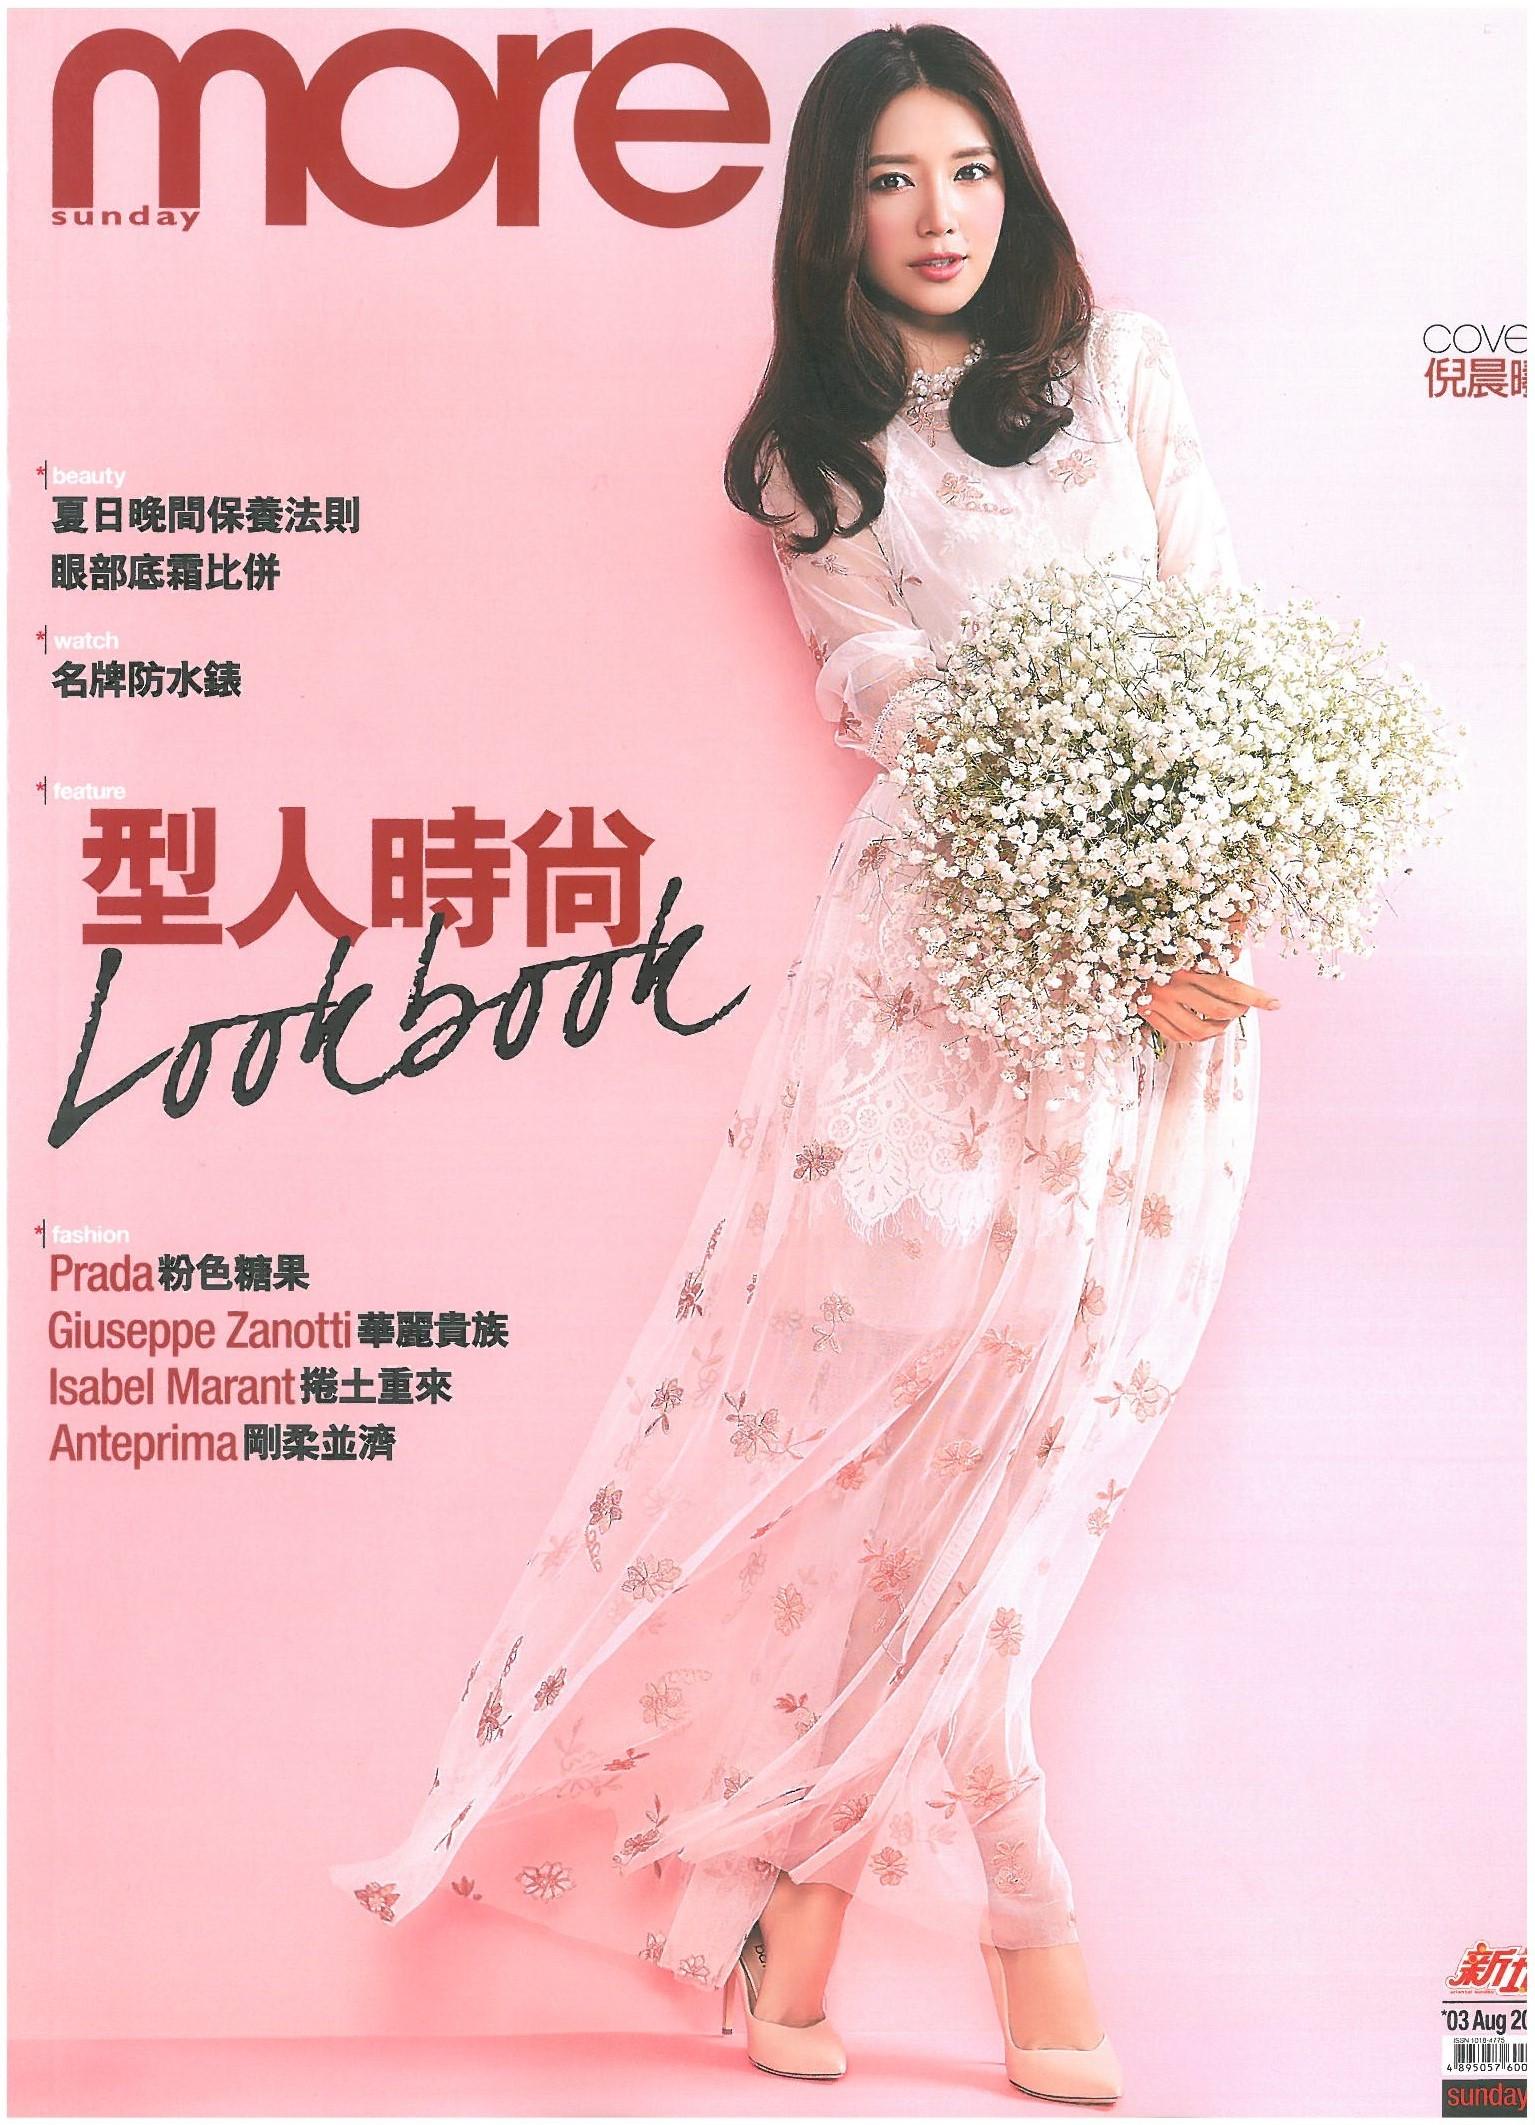 More Magazine November 2014 Issue: More Magazine